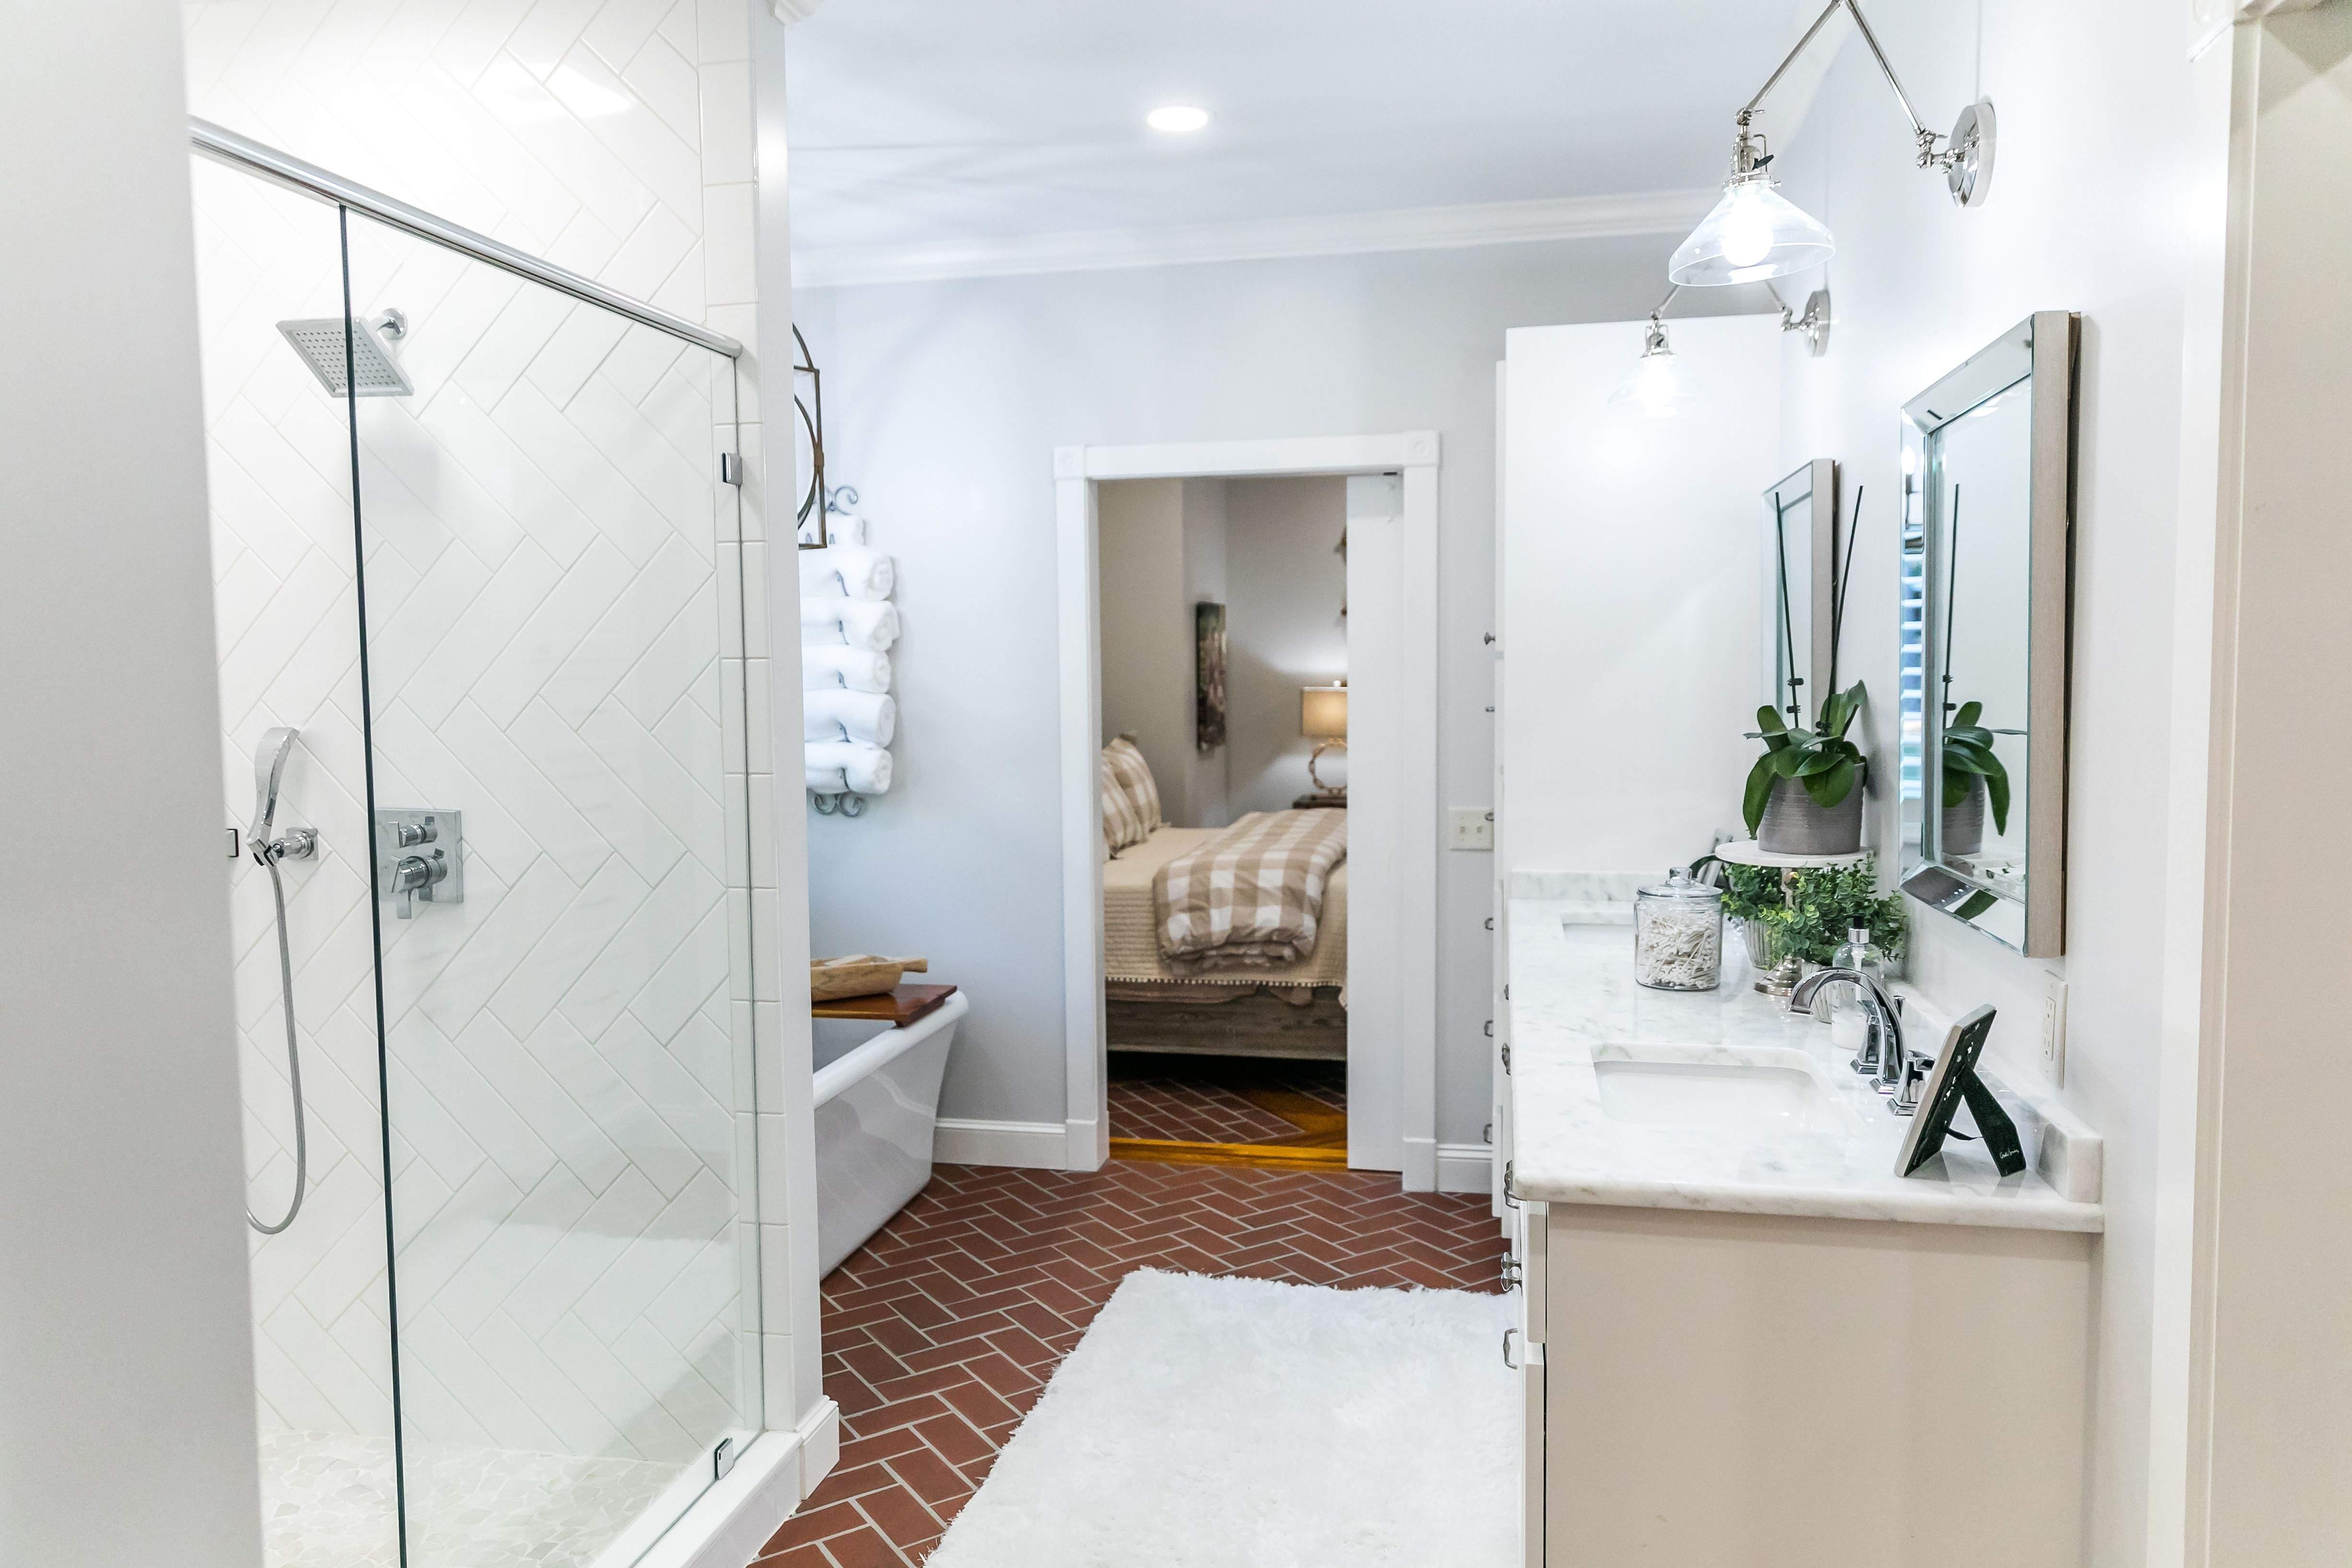 Dusche: Vom Duschkopf bis zur Duschstange